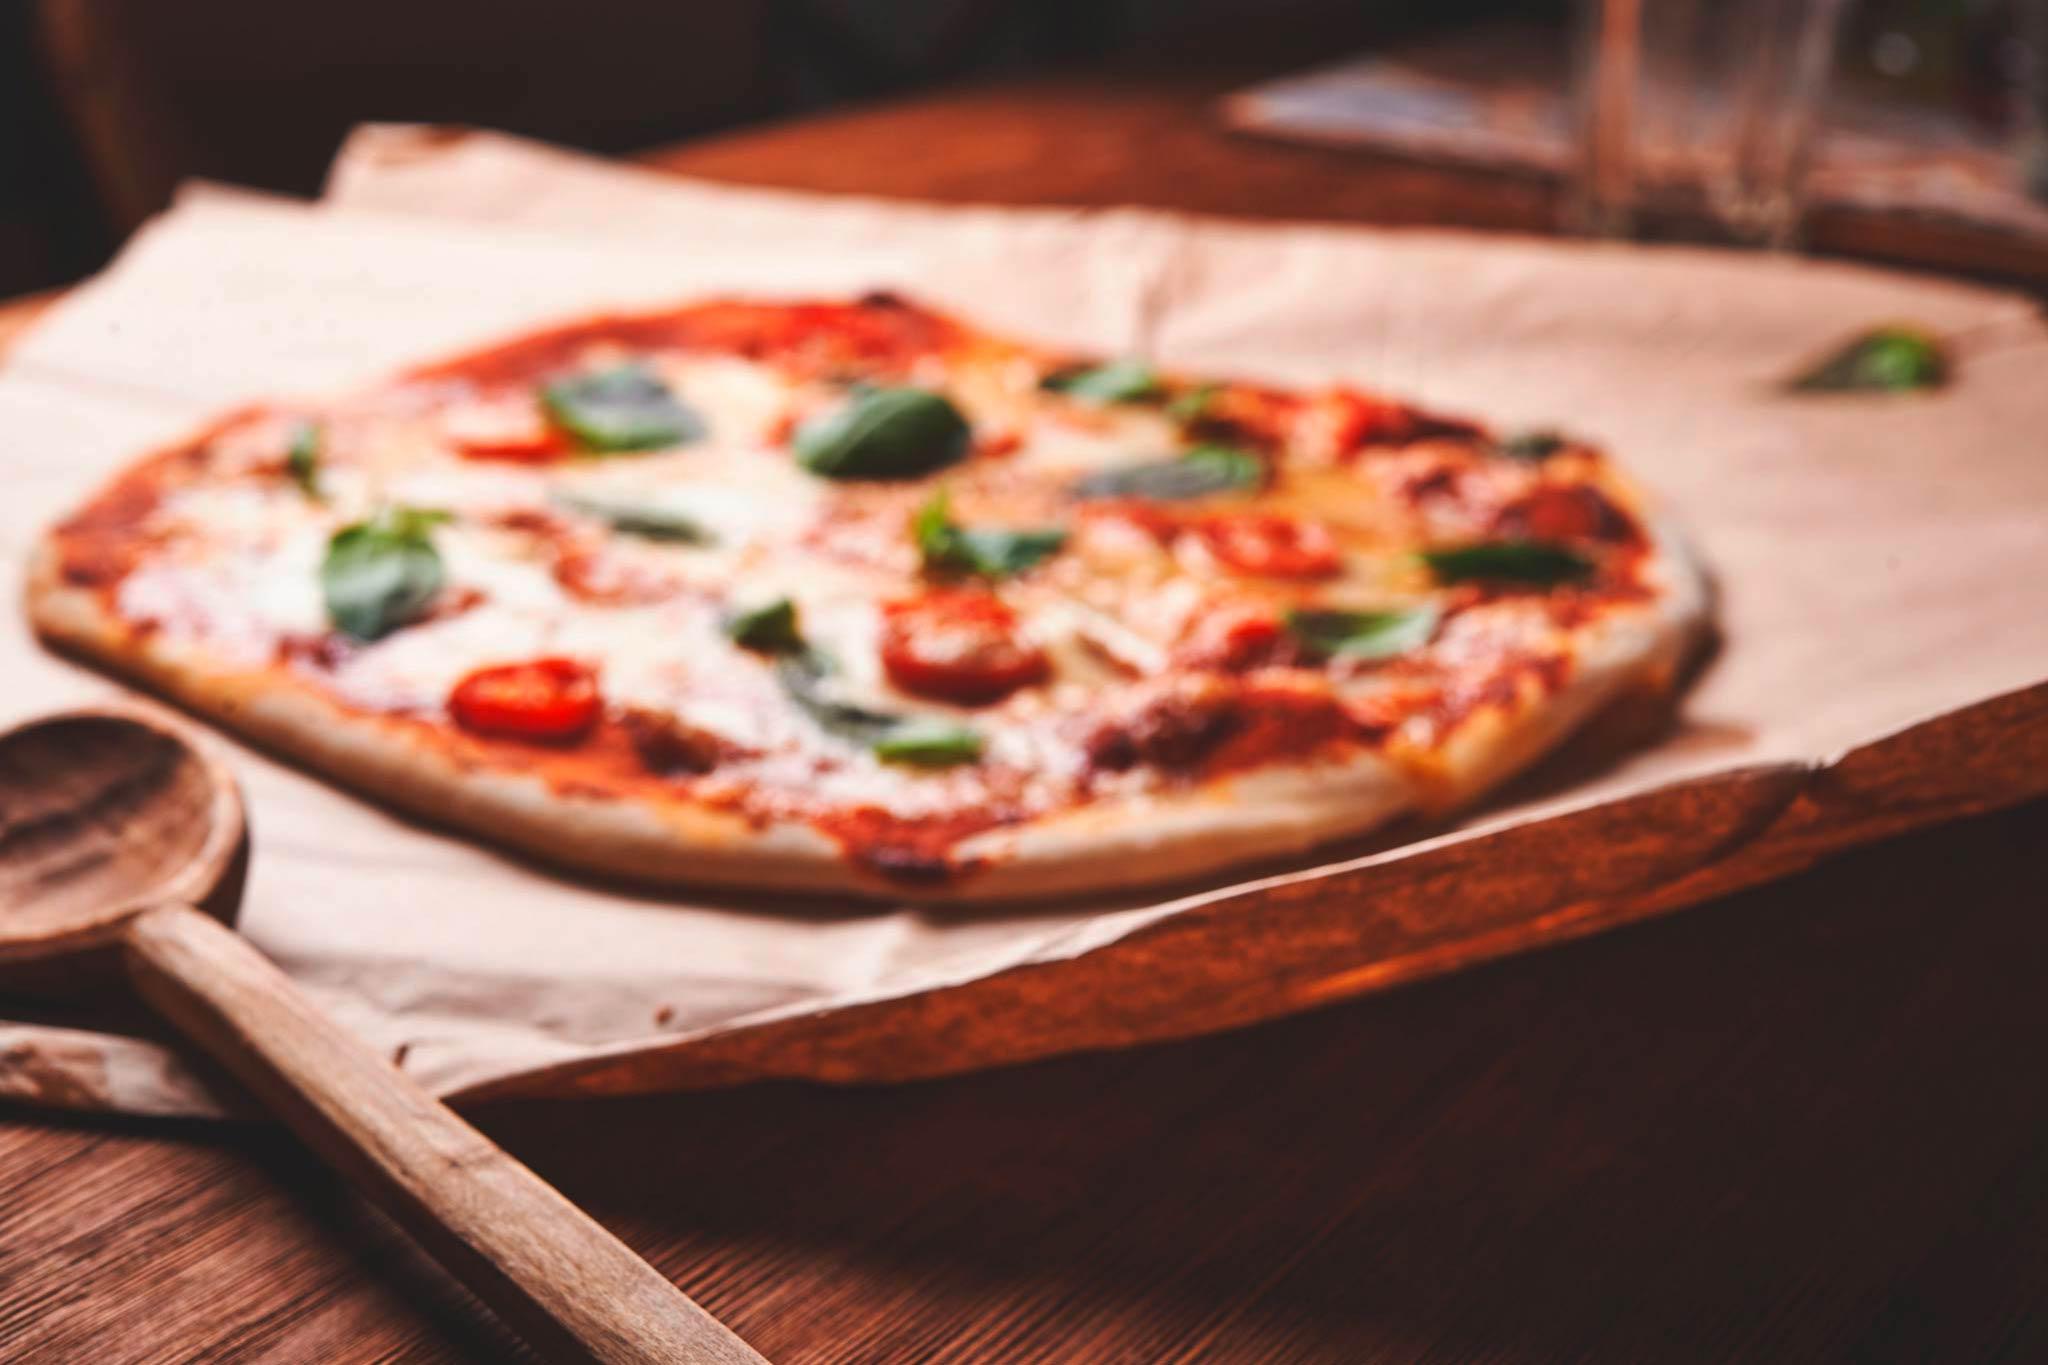 Il Podio Pizzeria Ristorante Ravensburg Pizza 05 Unsplash